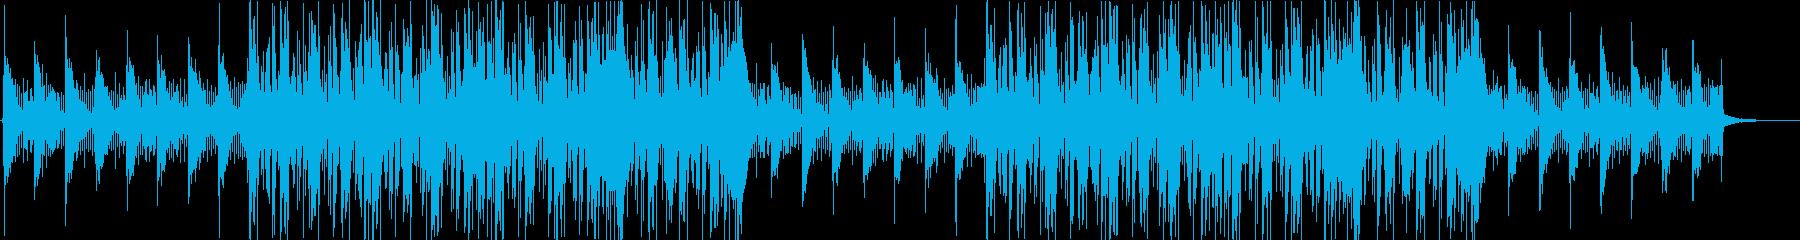 [生ギター]疑惑のミステリーロックの再生済みの波形